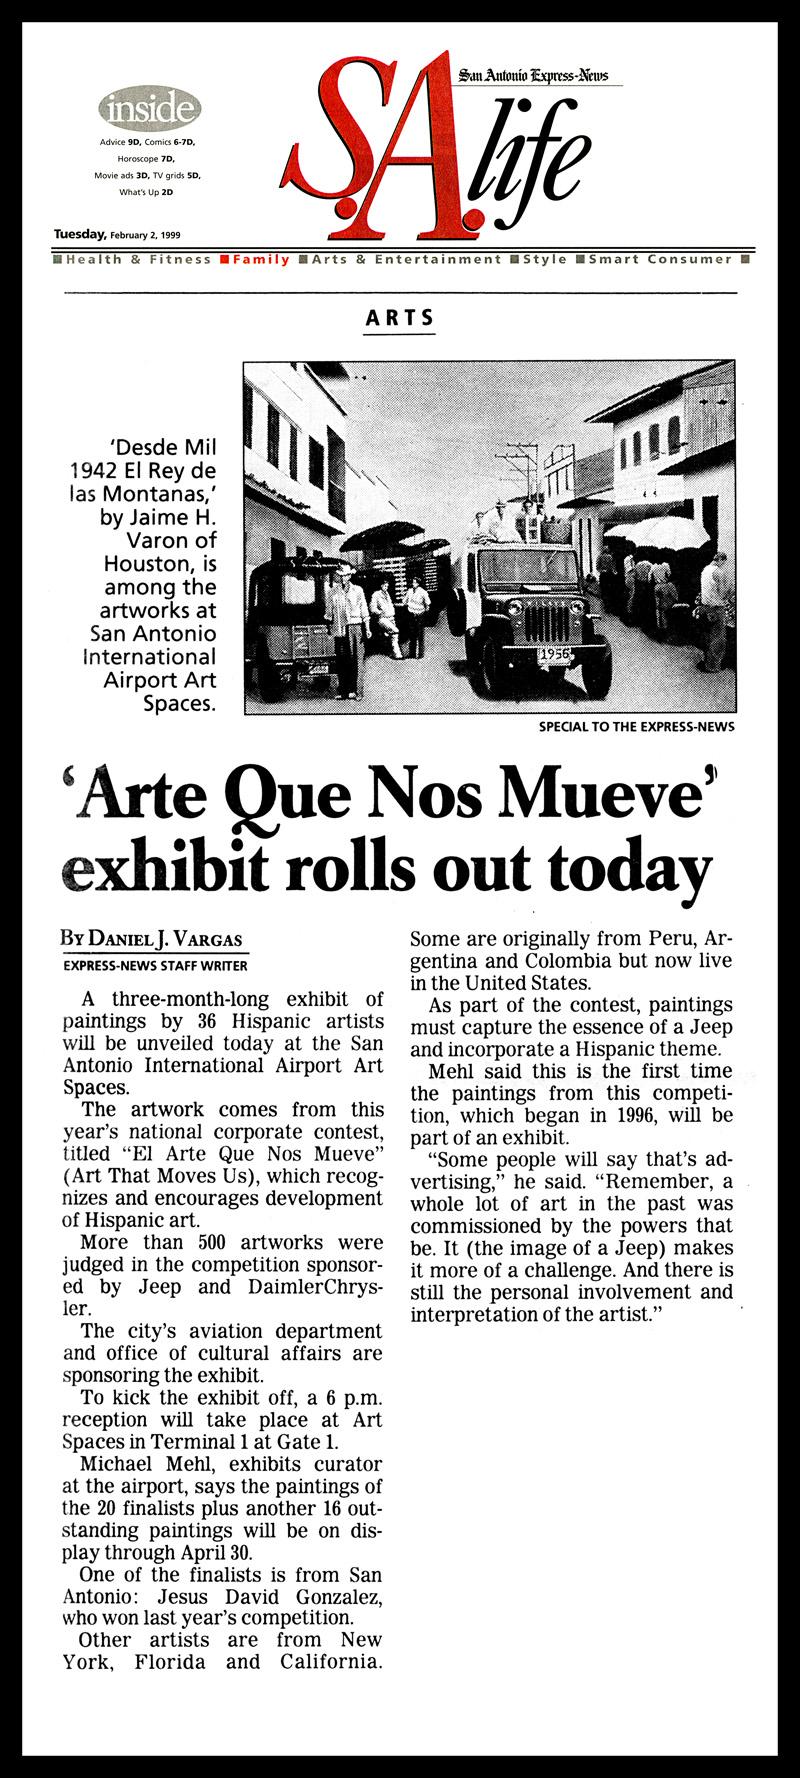 1999_Michael-Mehl_Curator_El-Arte-Que-Nos-Mueve-Exhibit-Airport-Art-Spaces_San-Antonio-Express-News